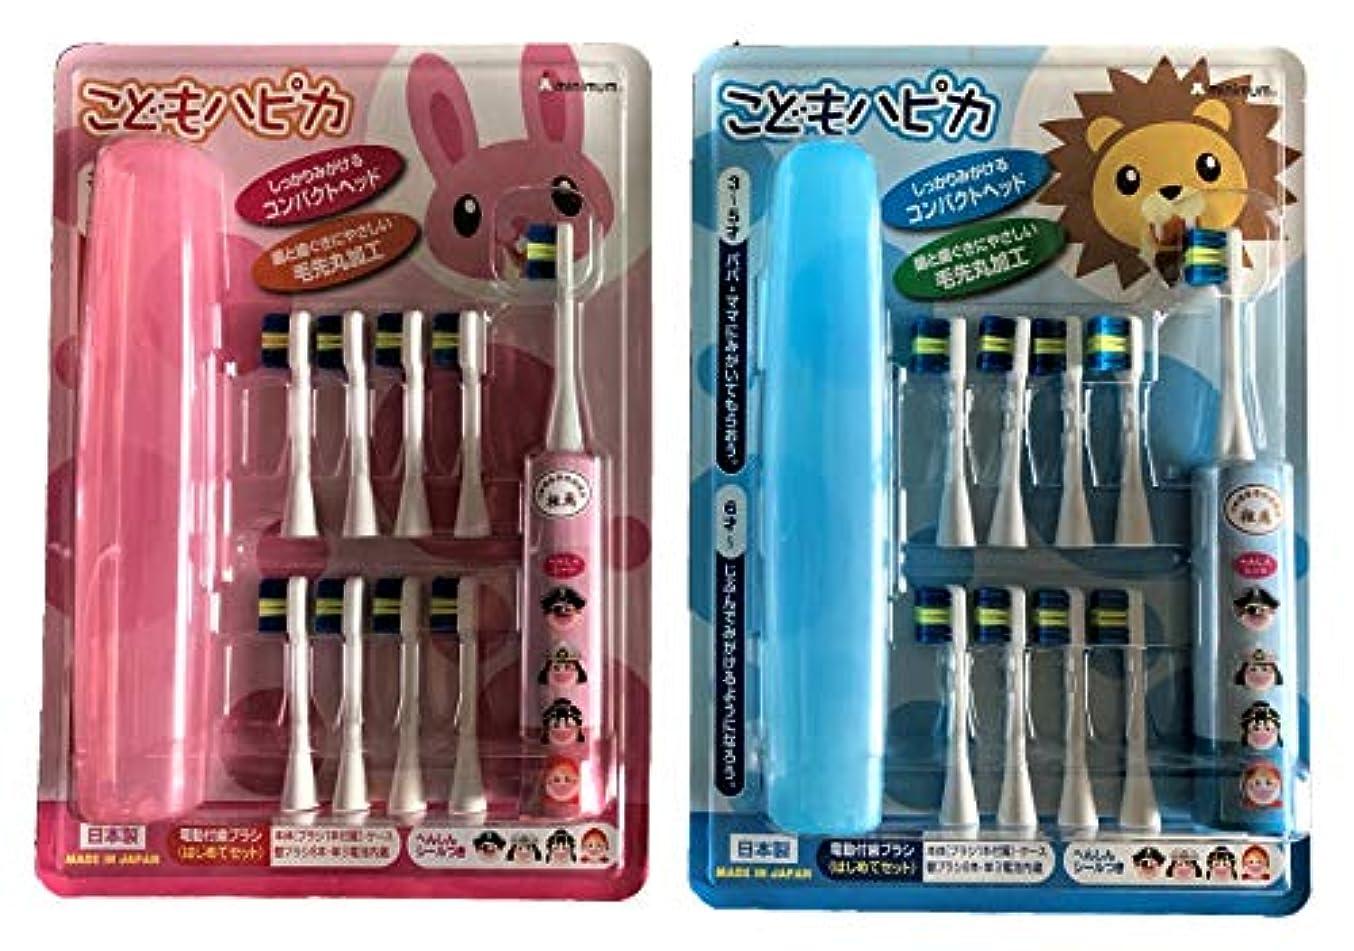 ひも良い同性愛者【2個セット】ミニマム こどもハピカセット ブルー&ピンク 子供用電動歯ブラシ